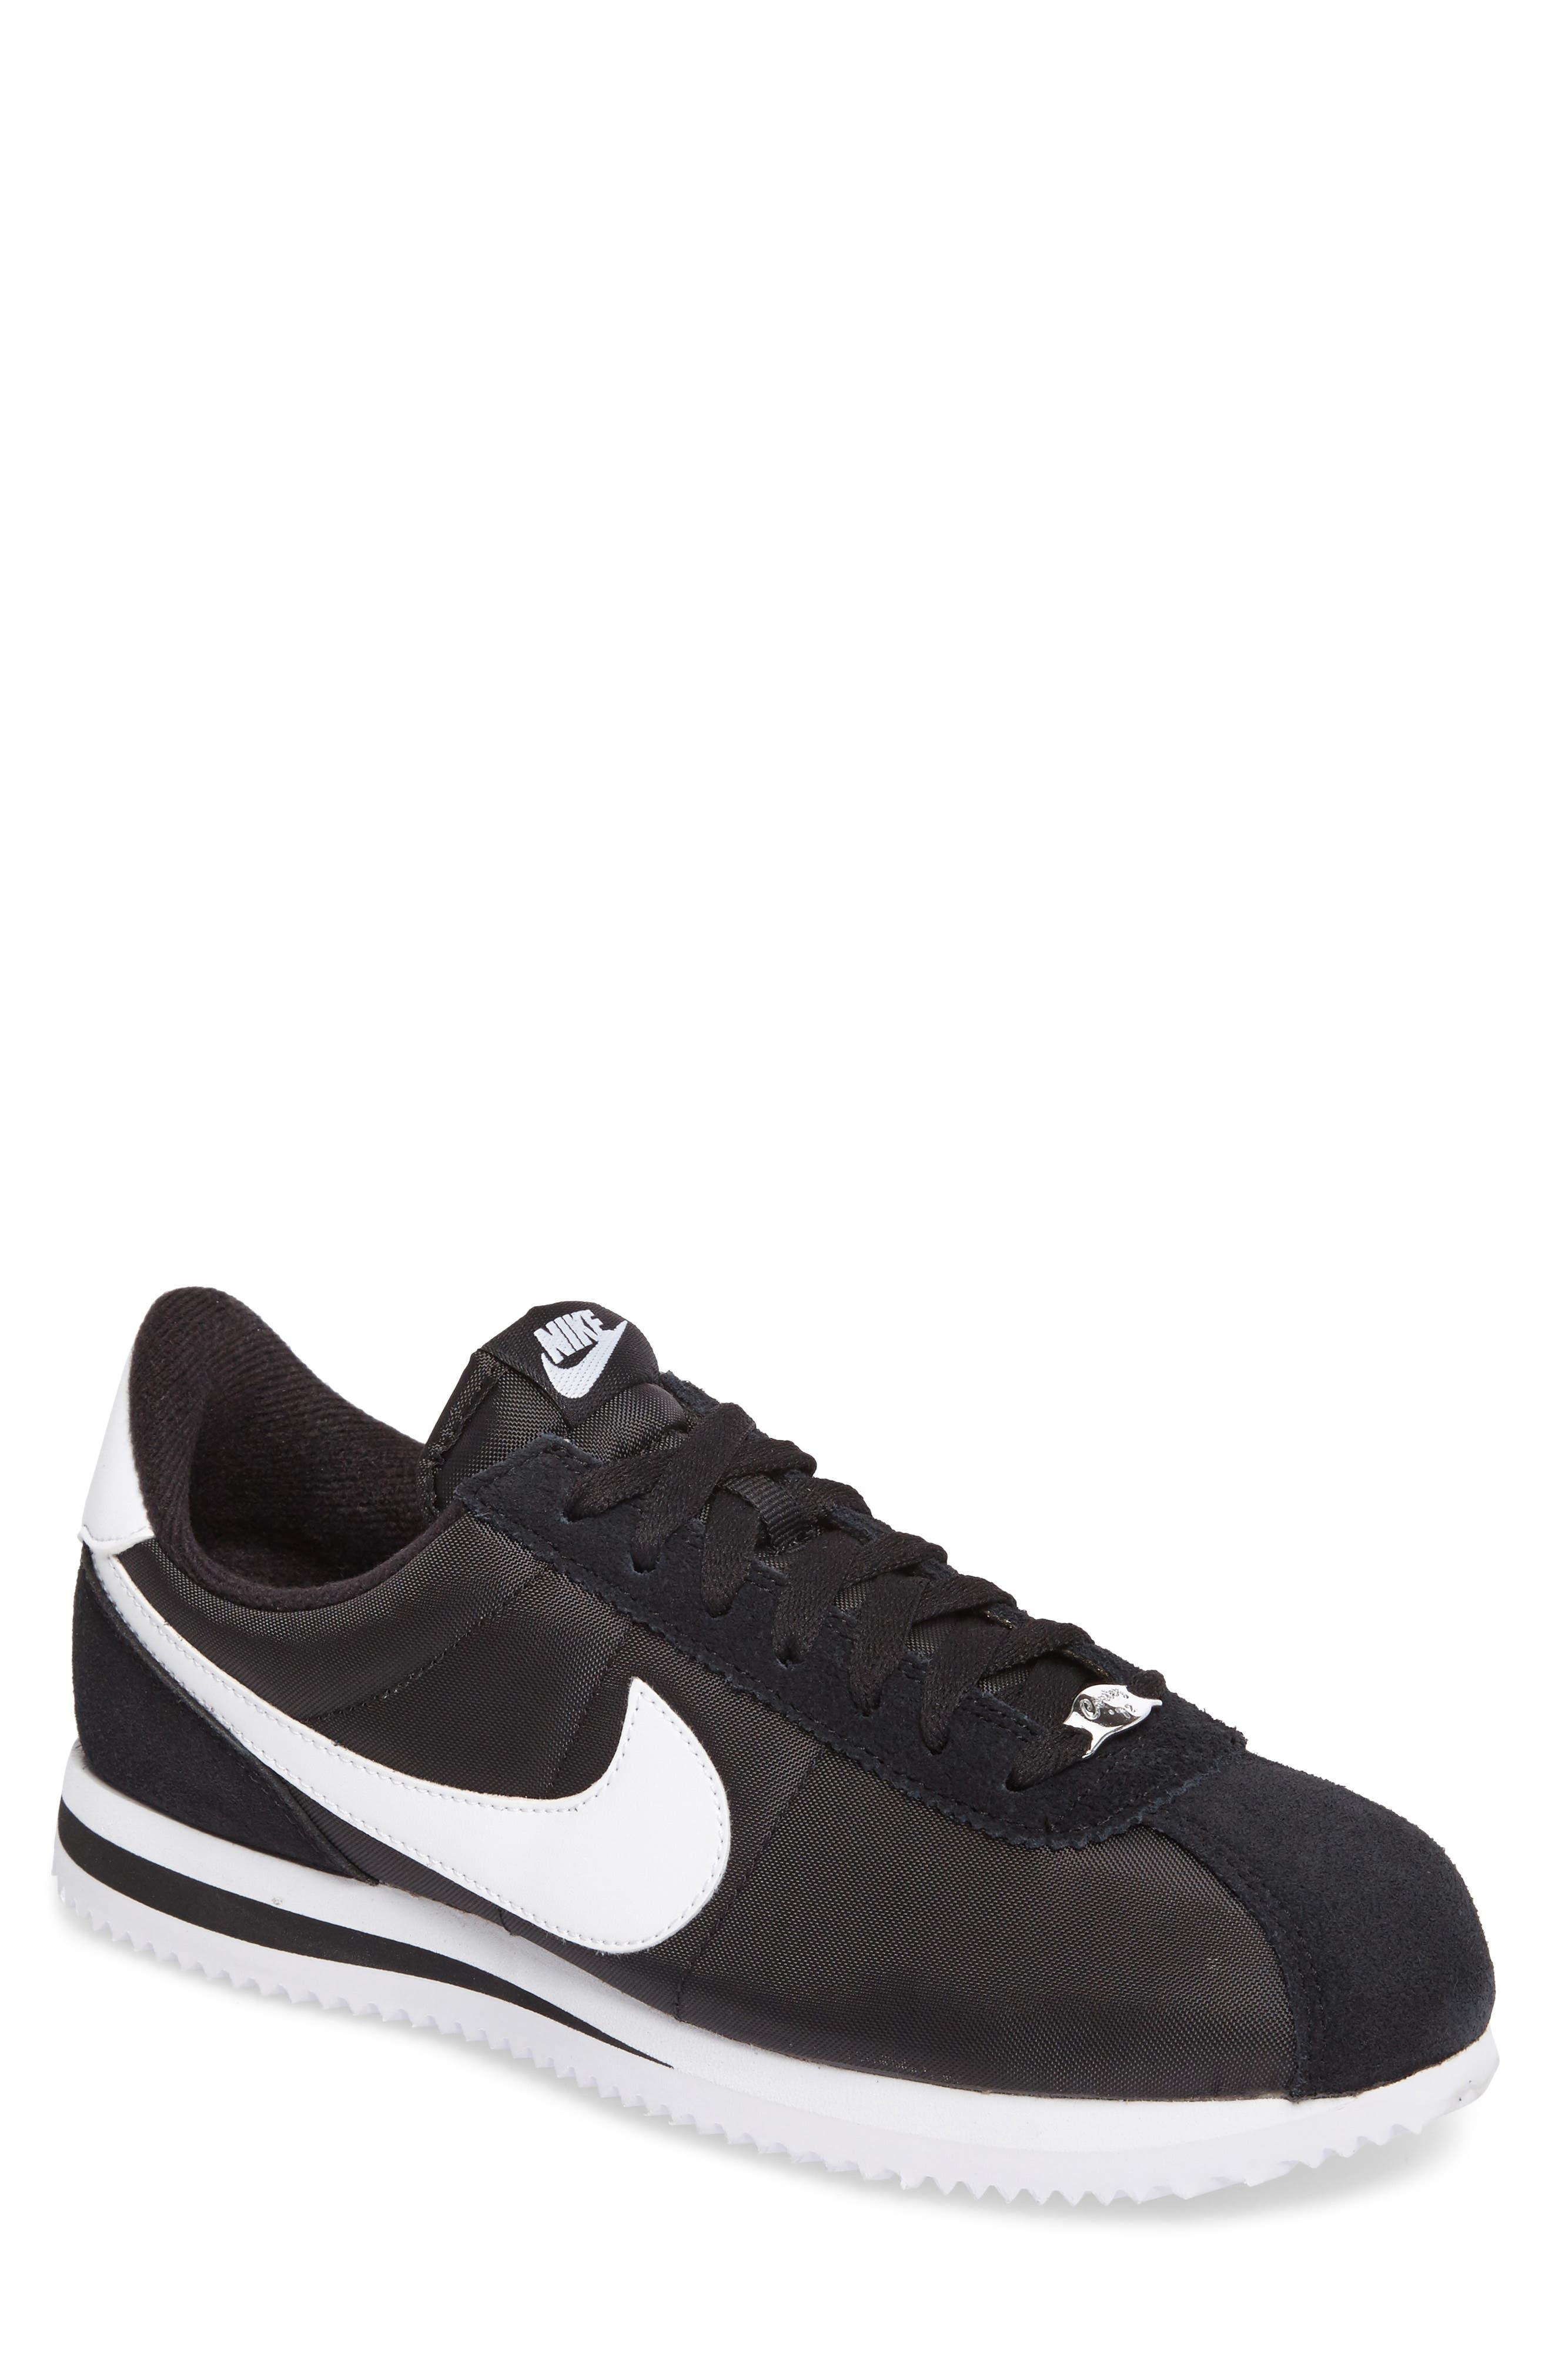 Alternate Image 1 Selected - Nike Cortez Basic Nylon Sneaker (Men)